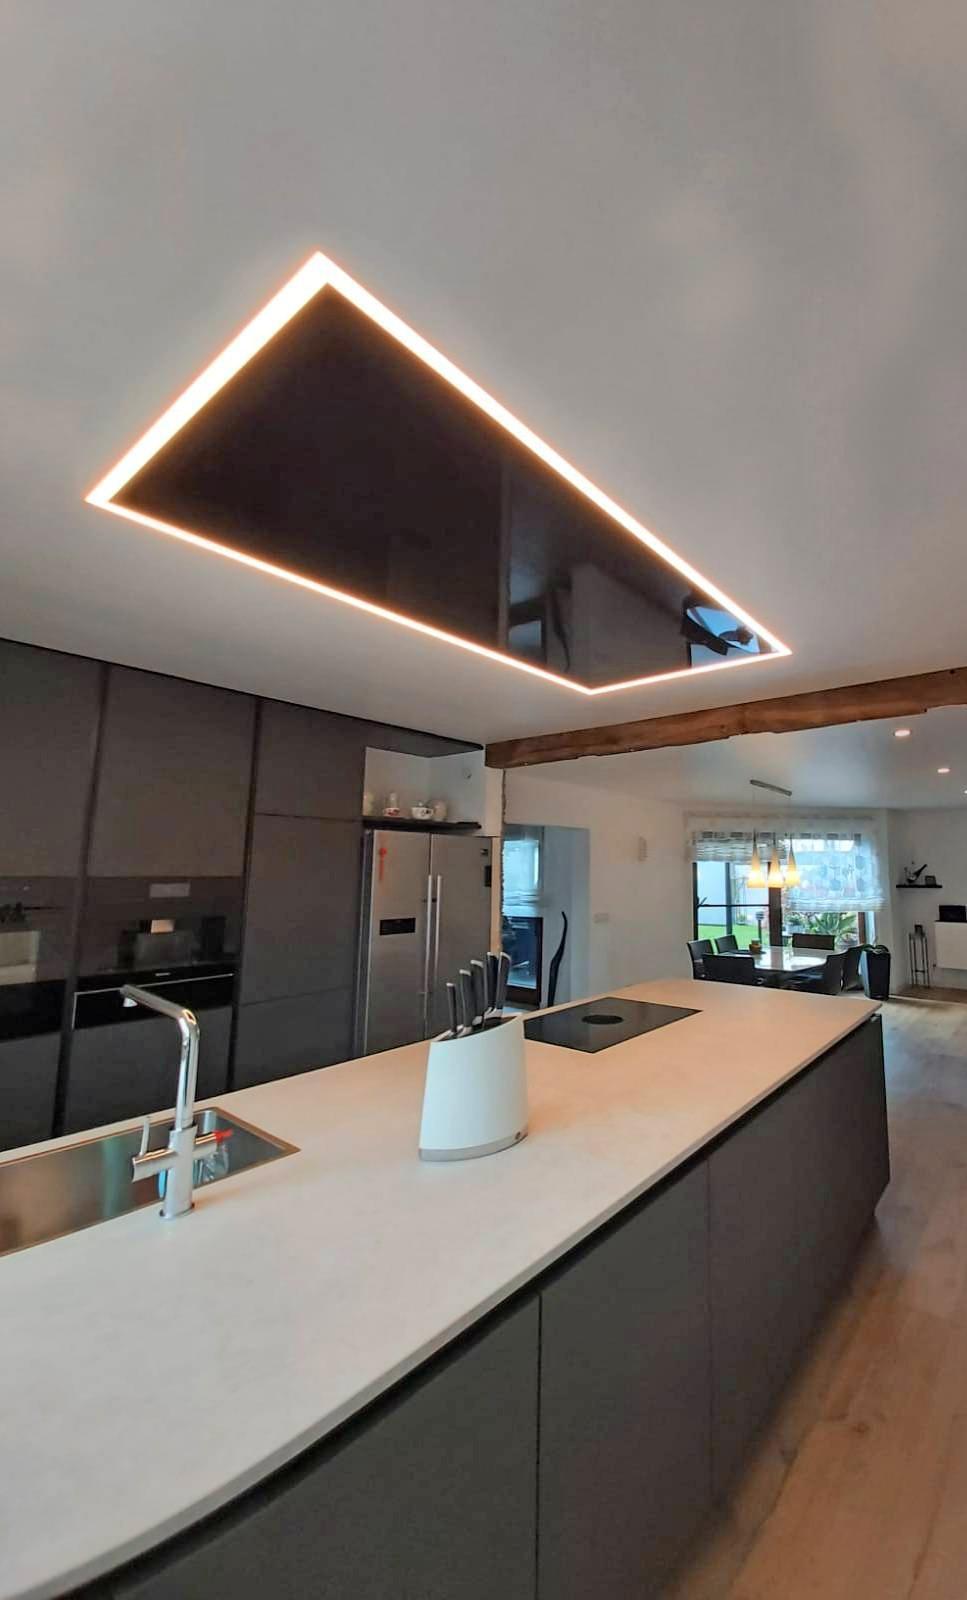 Nachher: Eine Spanndecke mit integrierter Beleuchtung setzt die Räume angenehm in Szene. Foto: privat